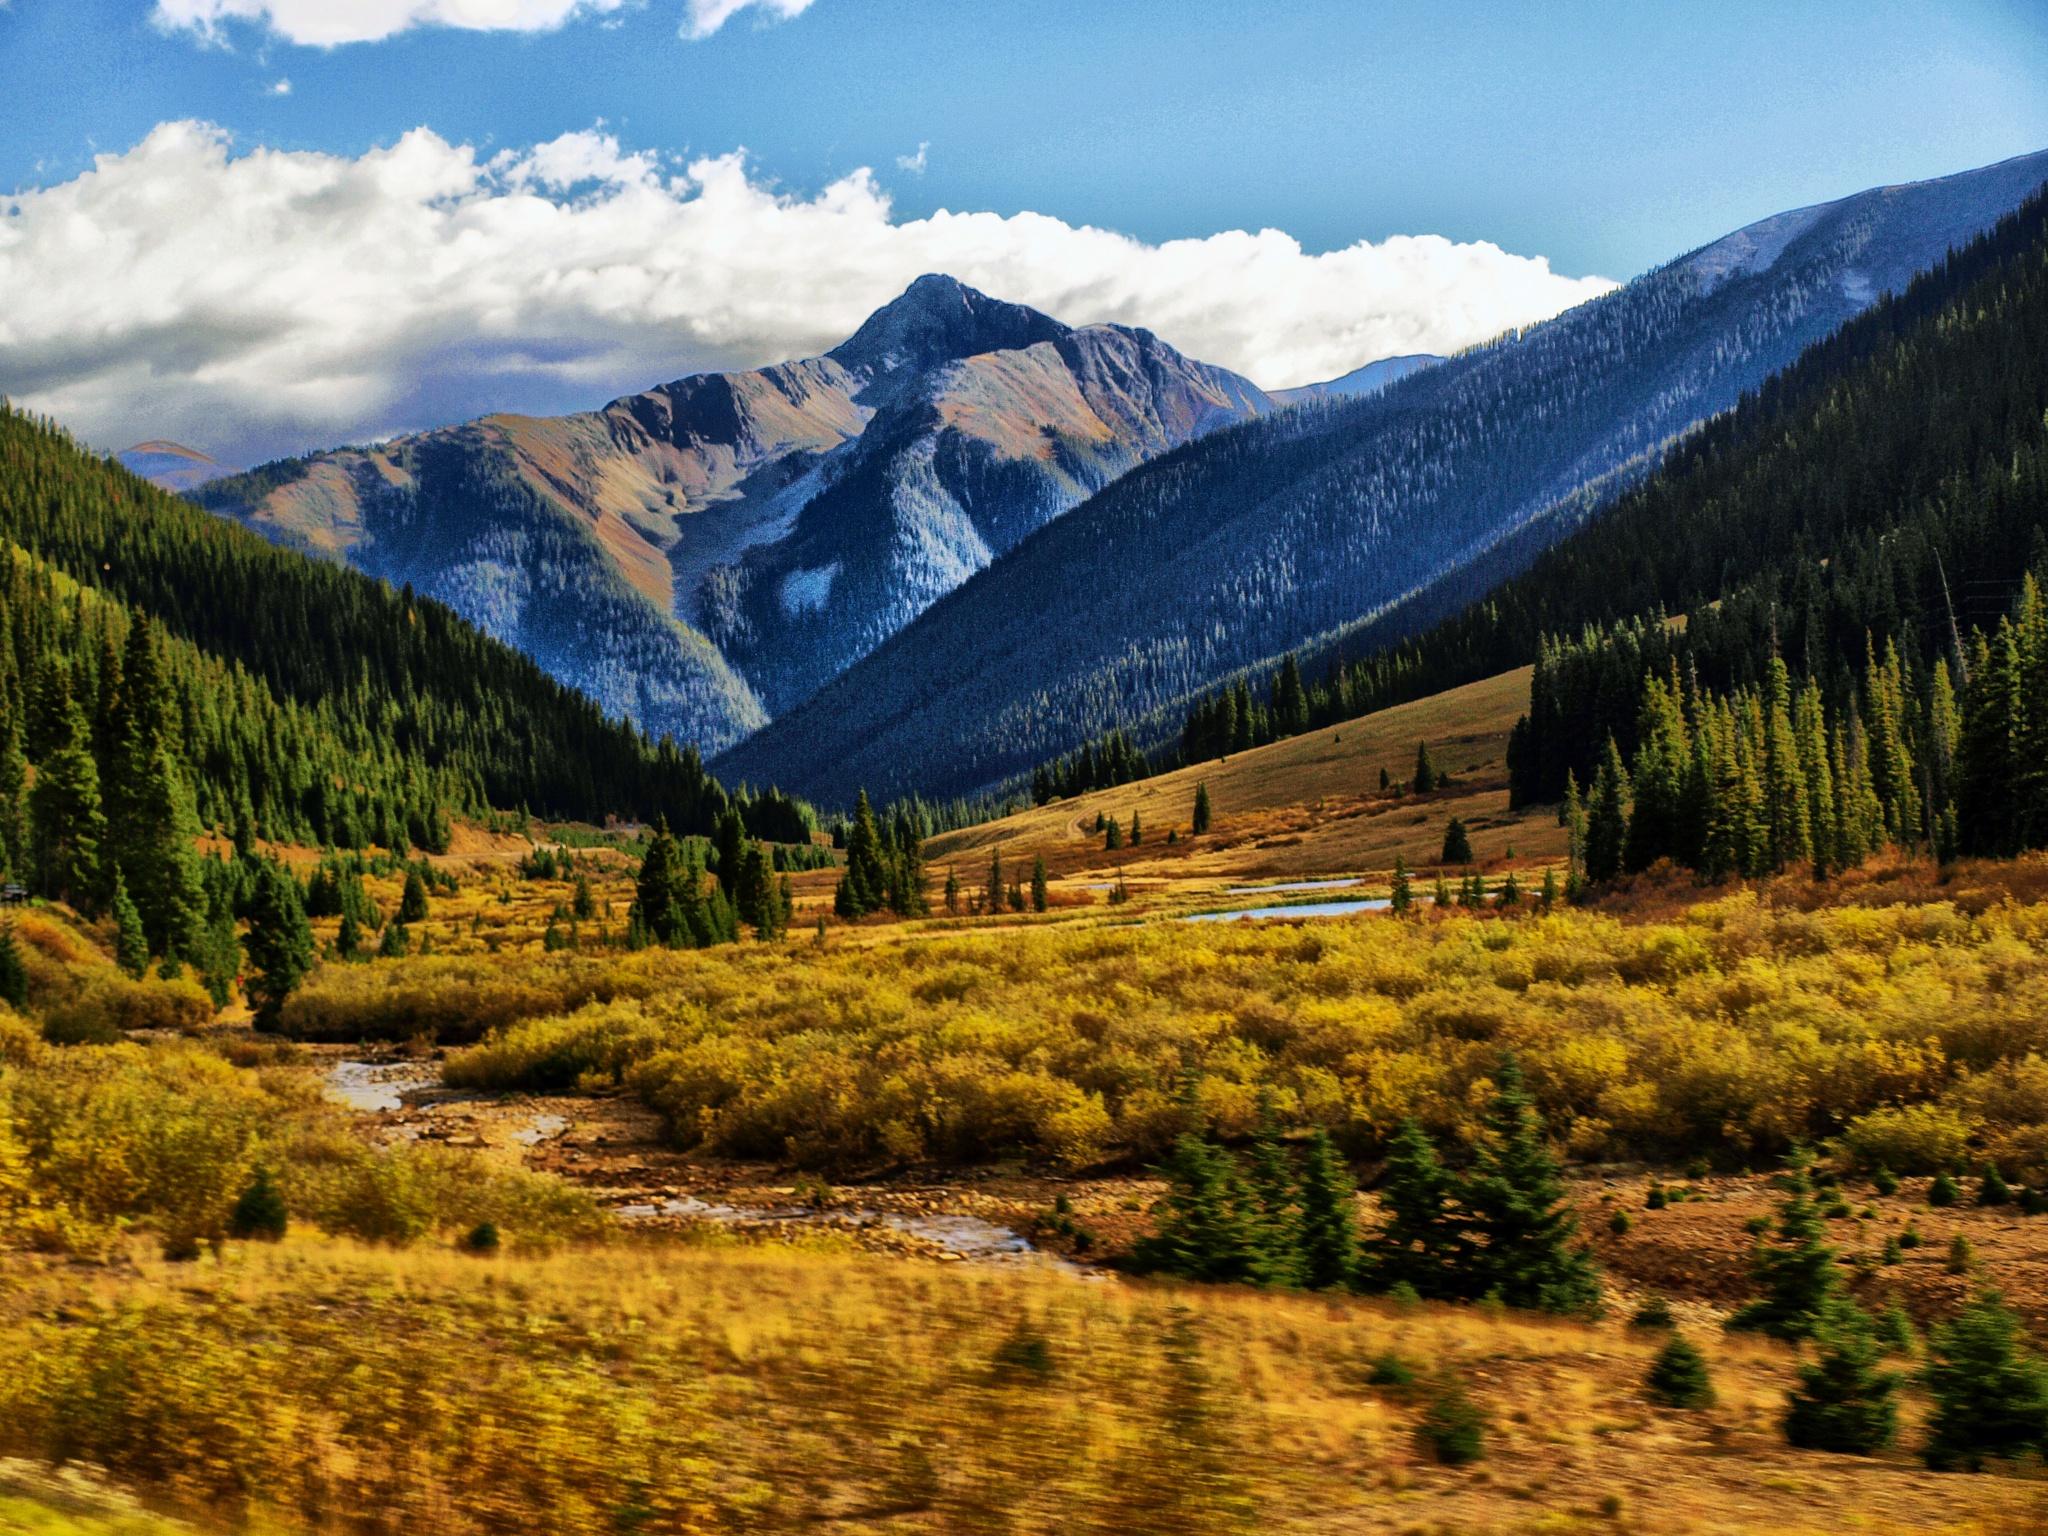 Colorado Valley by Joe Saladino